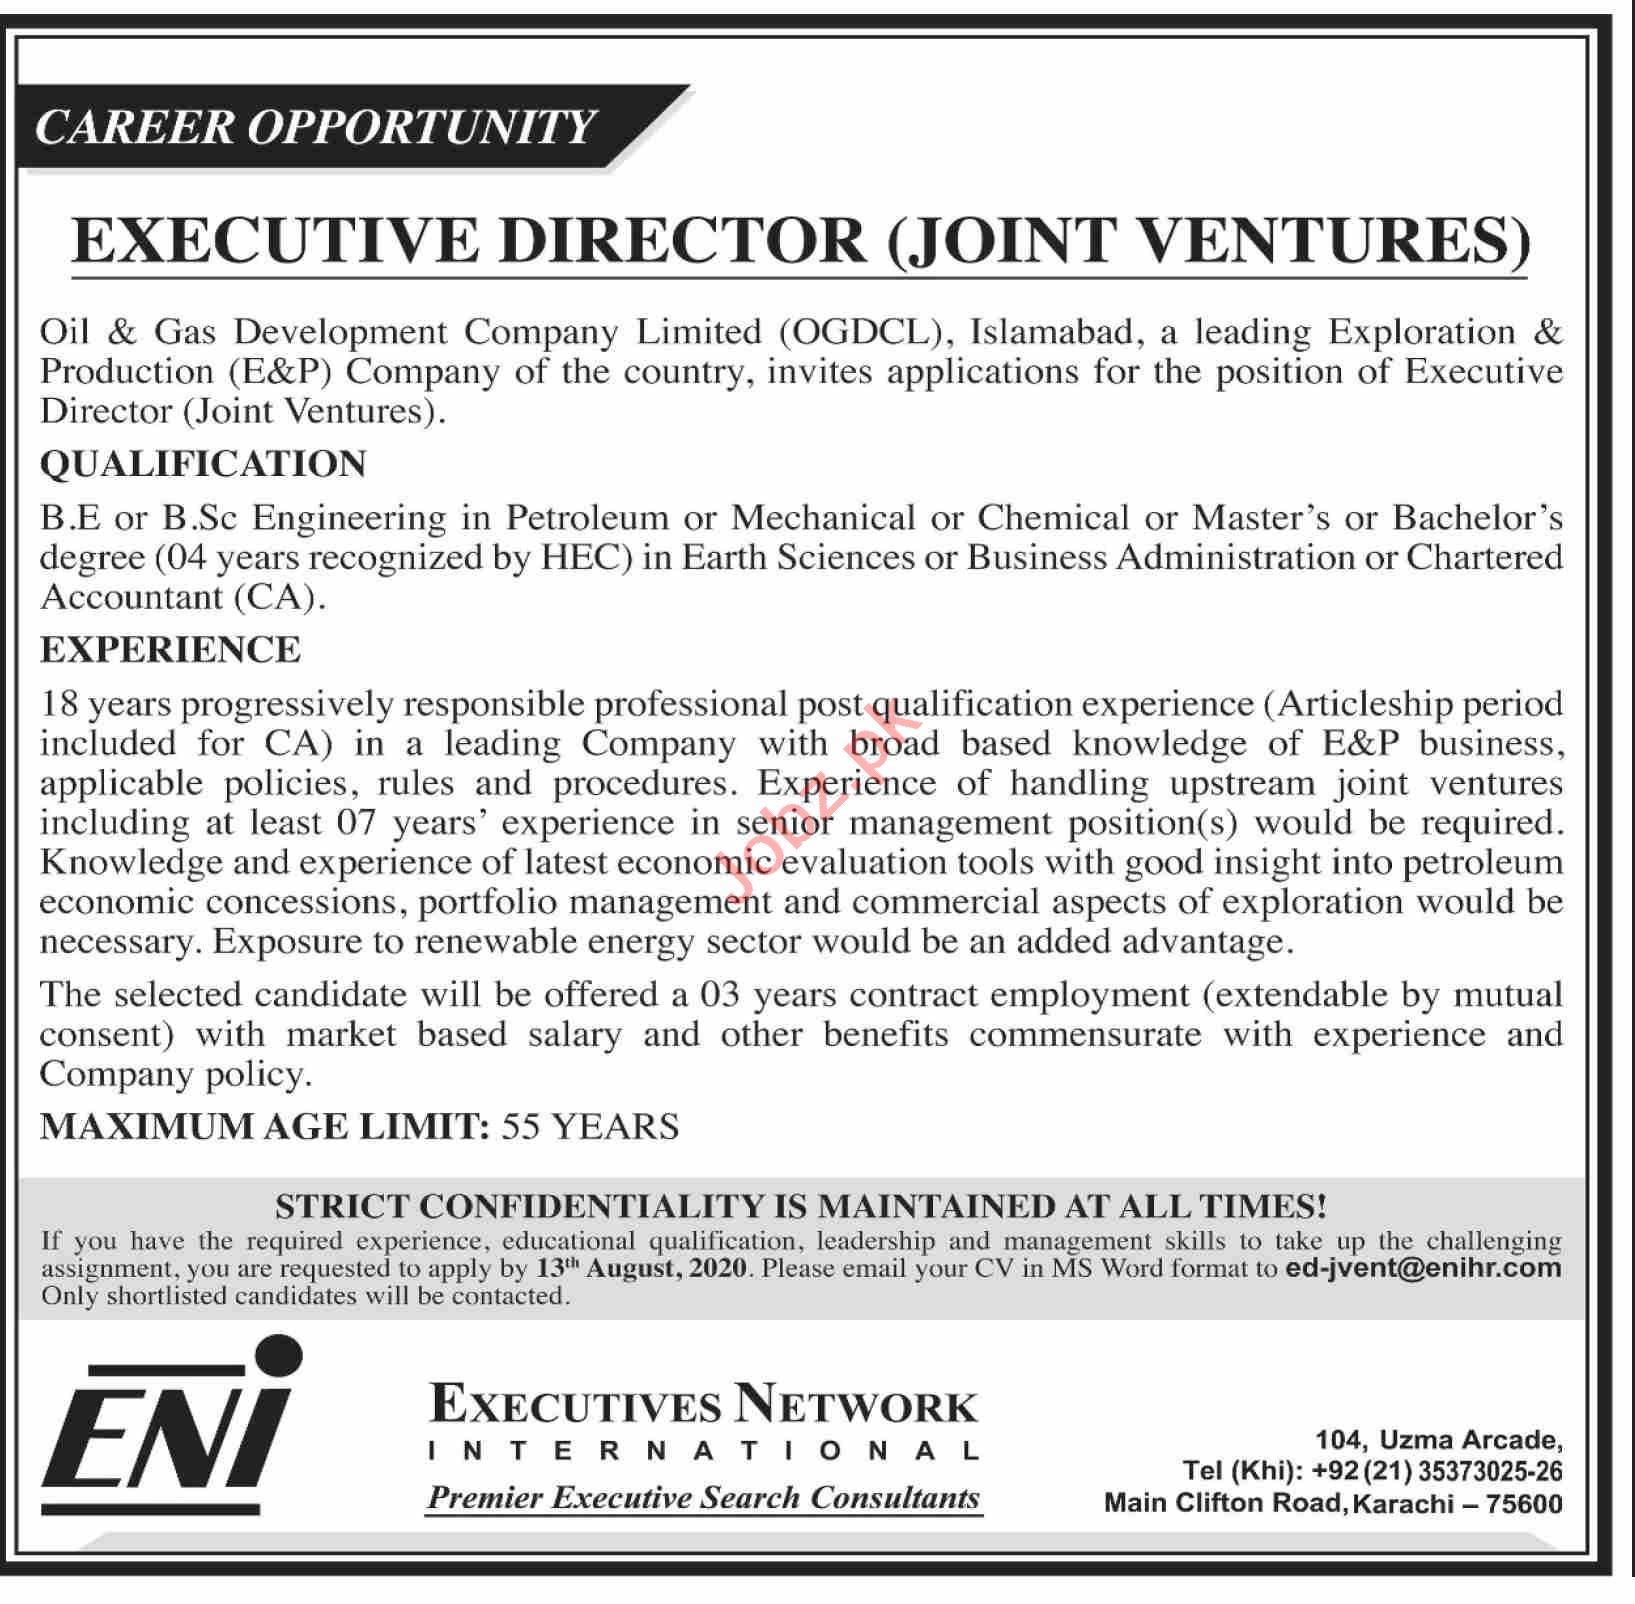 Executive Director Joint Ventures & Engineer Jobs 2020